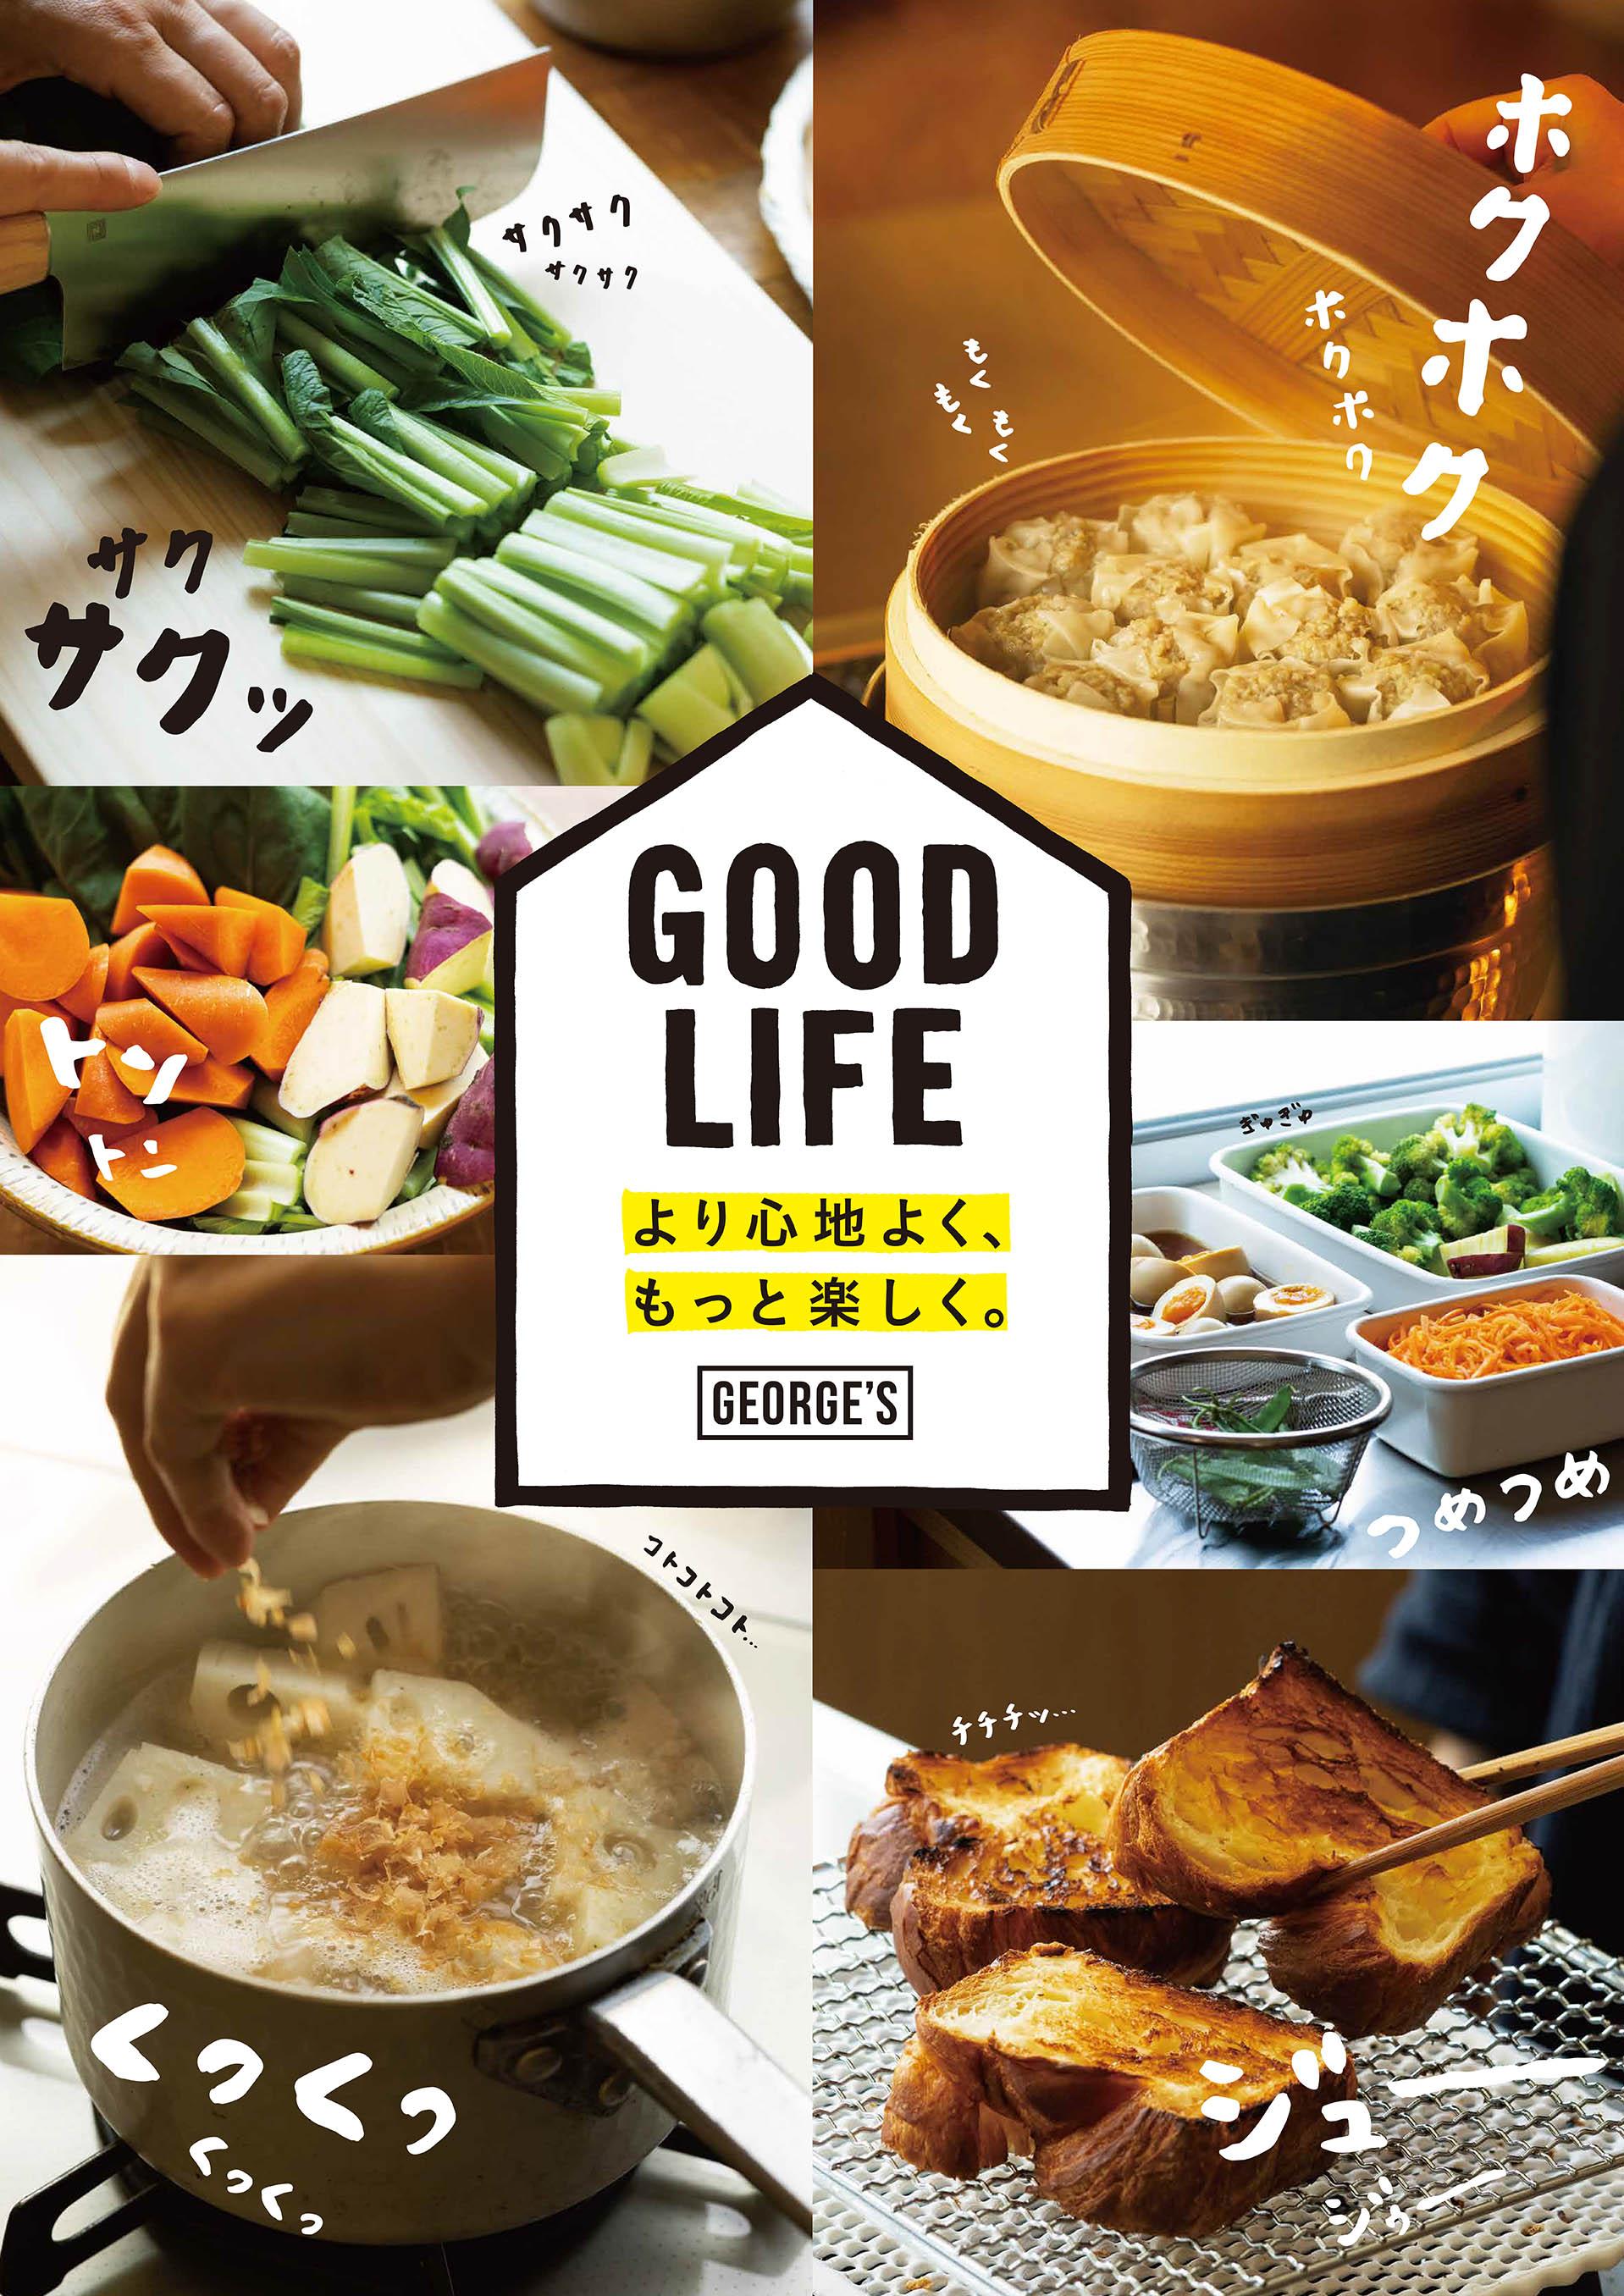 GS_GOOD LIFE2021_A1_fix_ol_s